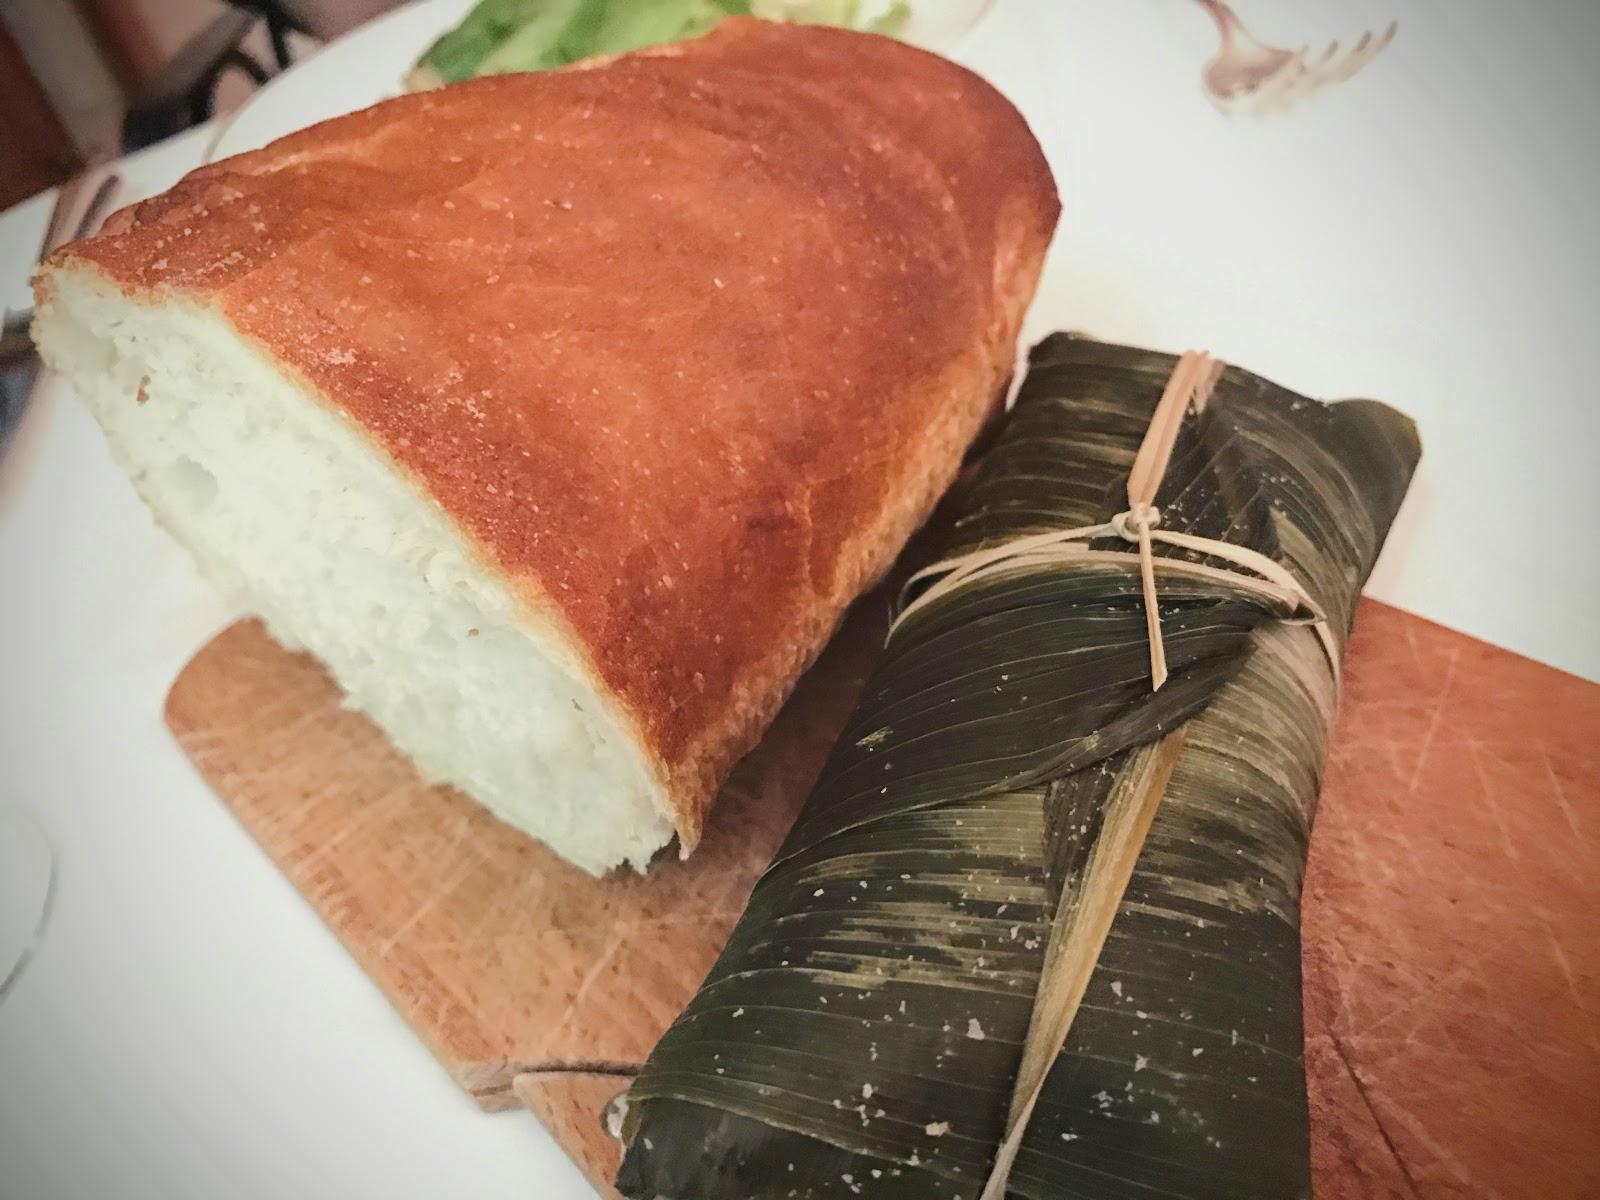 環遊世界|大溪地|La Villa Mahana餐廳菜單 menu epicurean